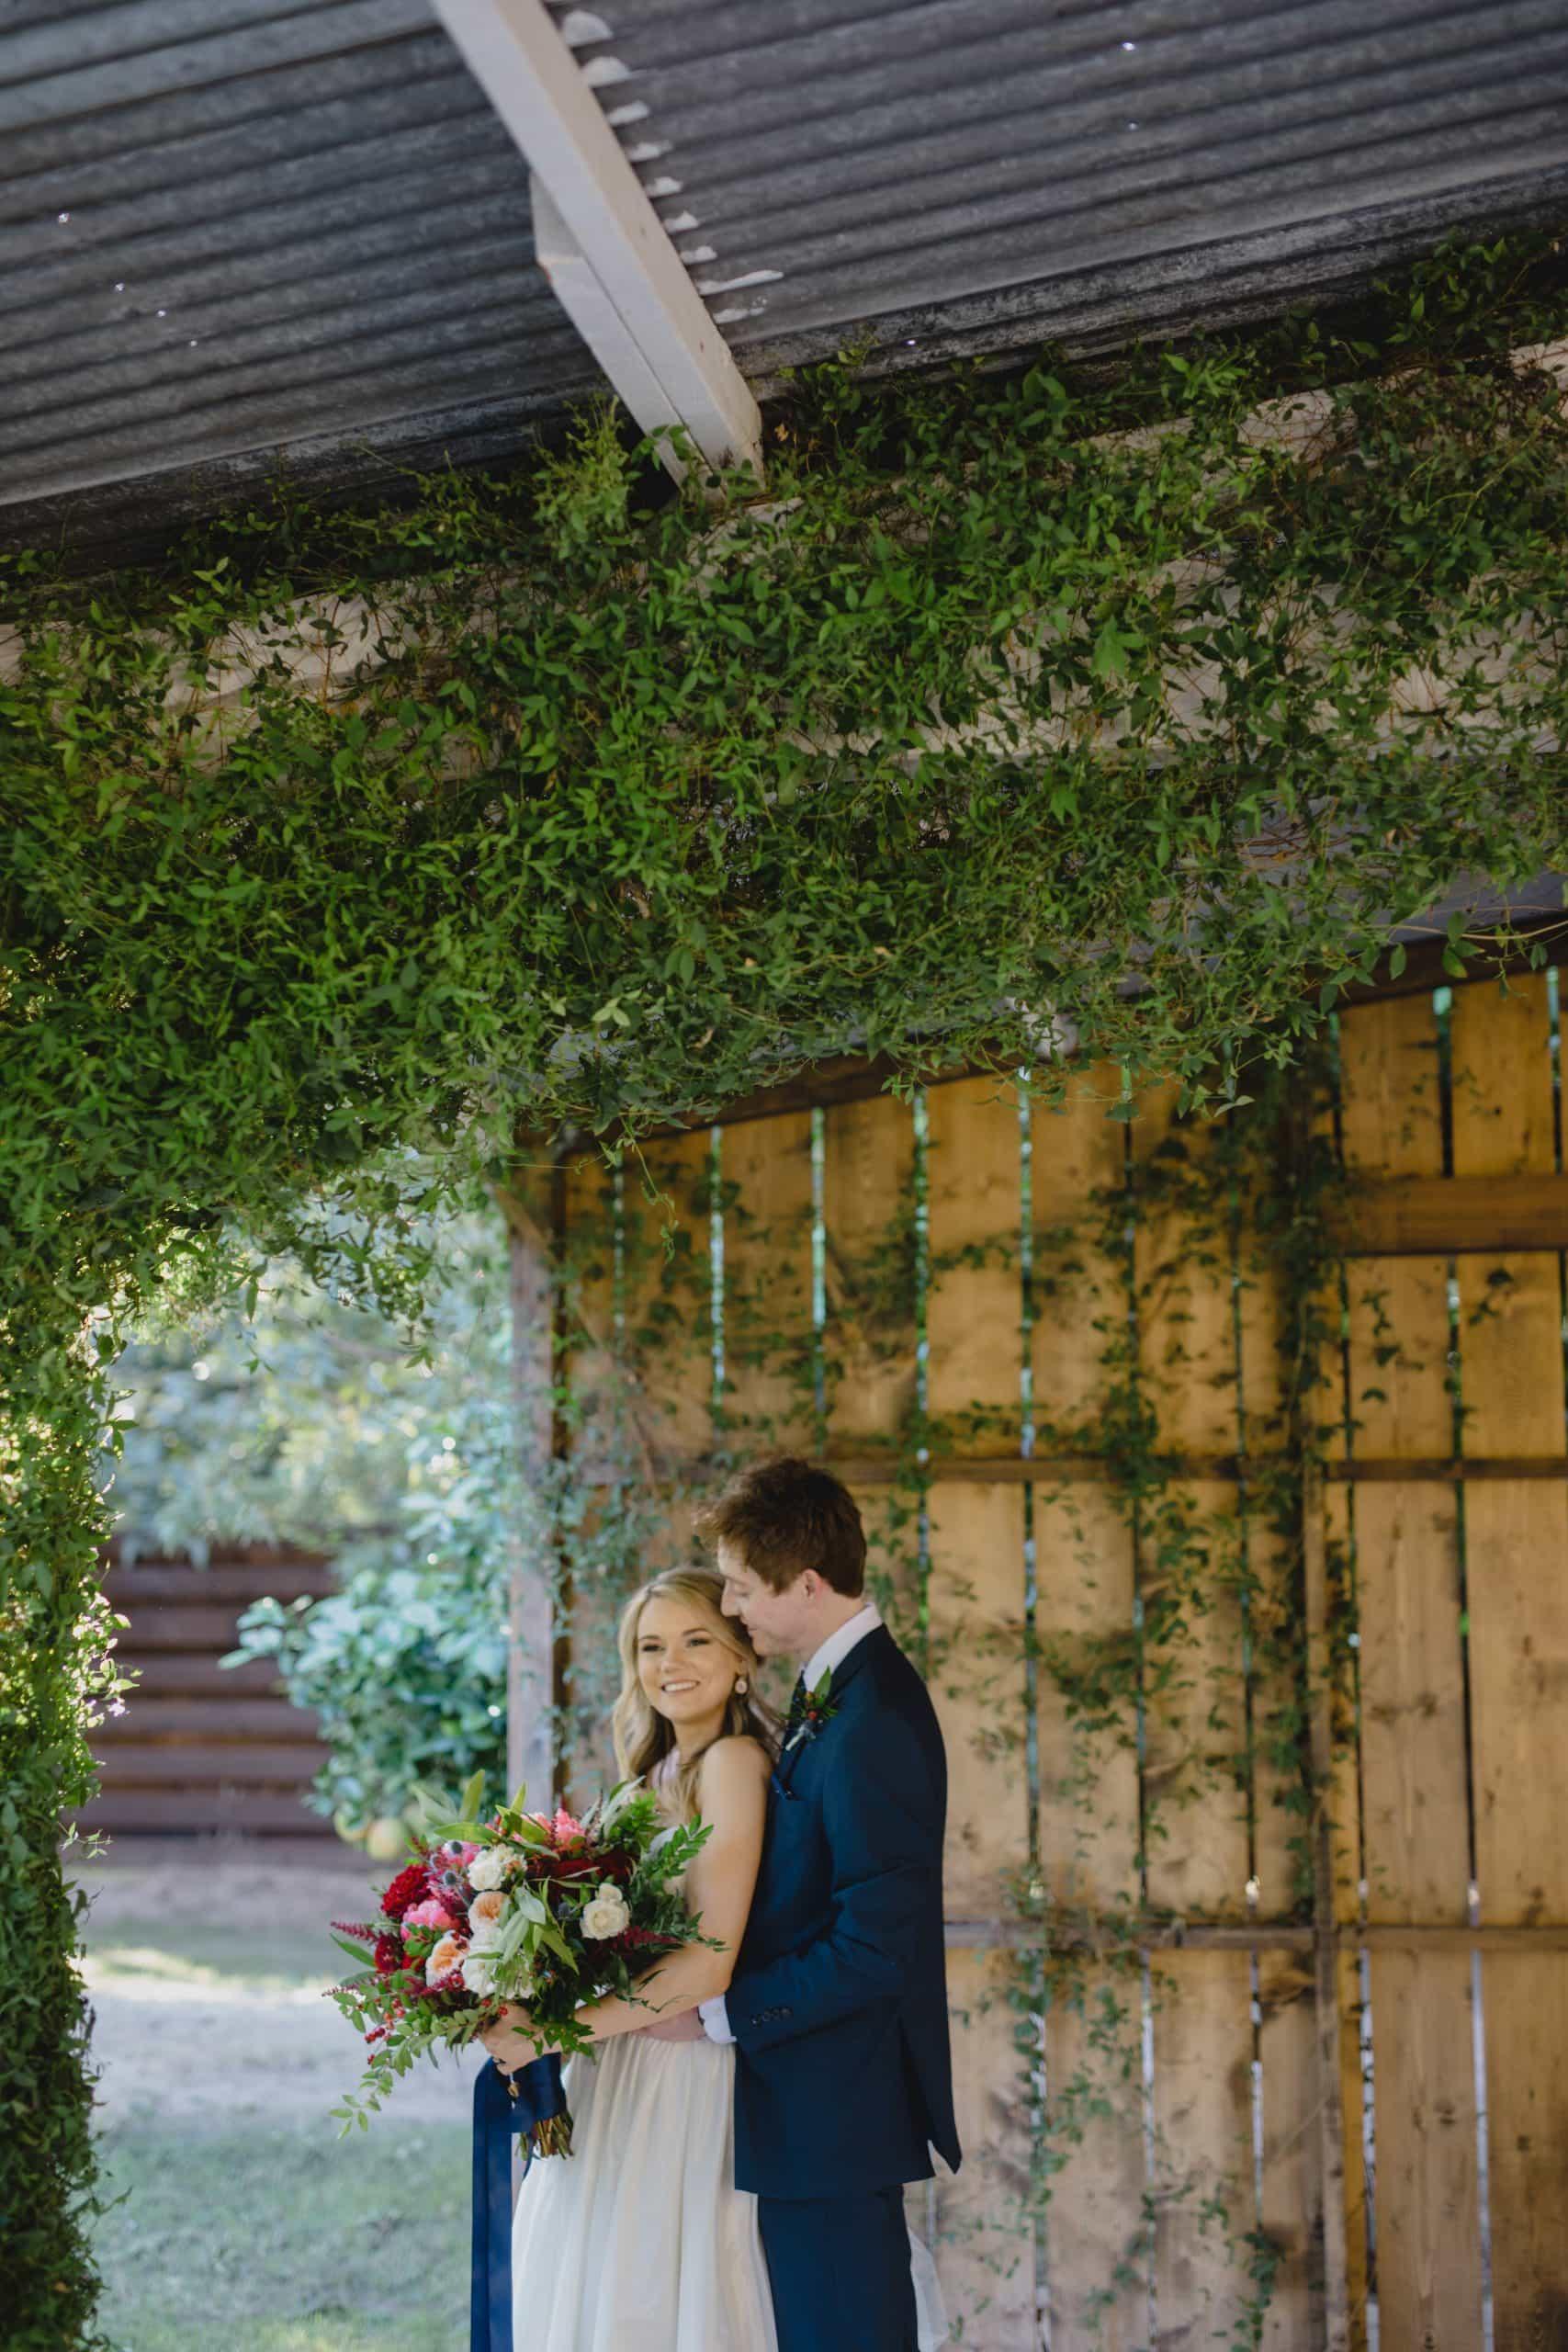 Venue at the Grove wedding photos